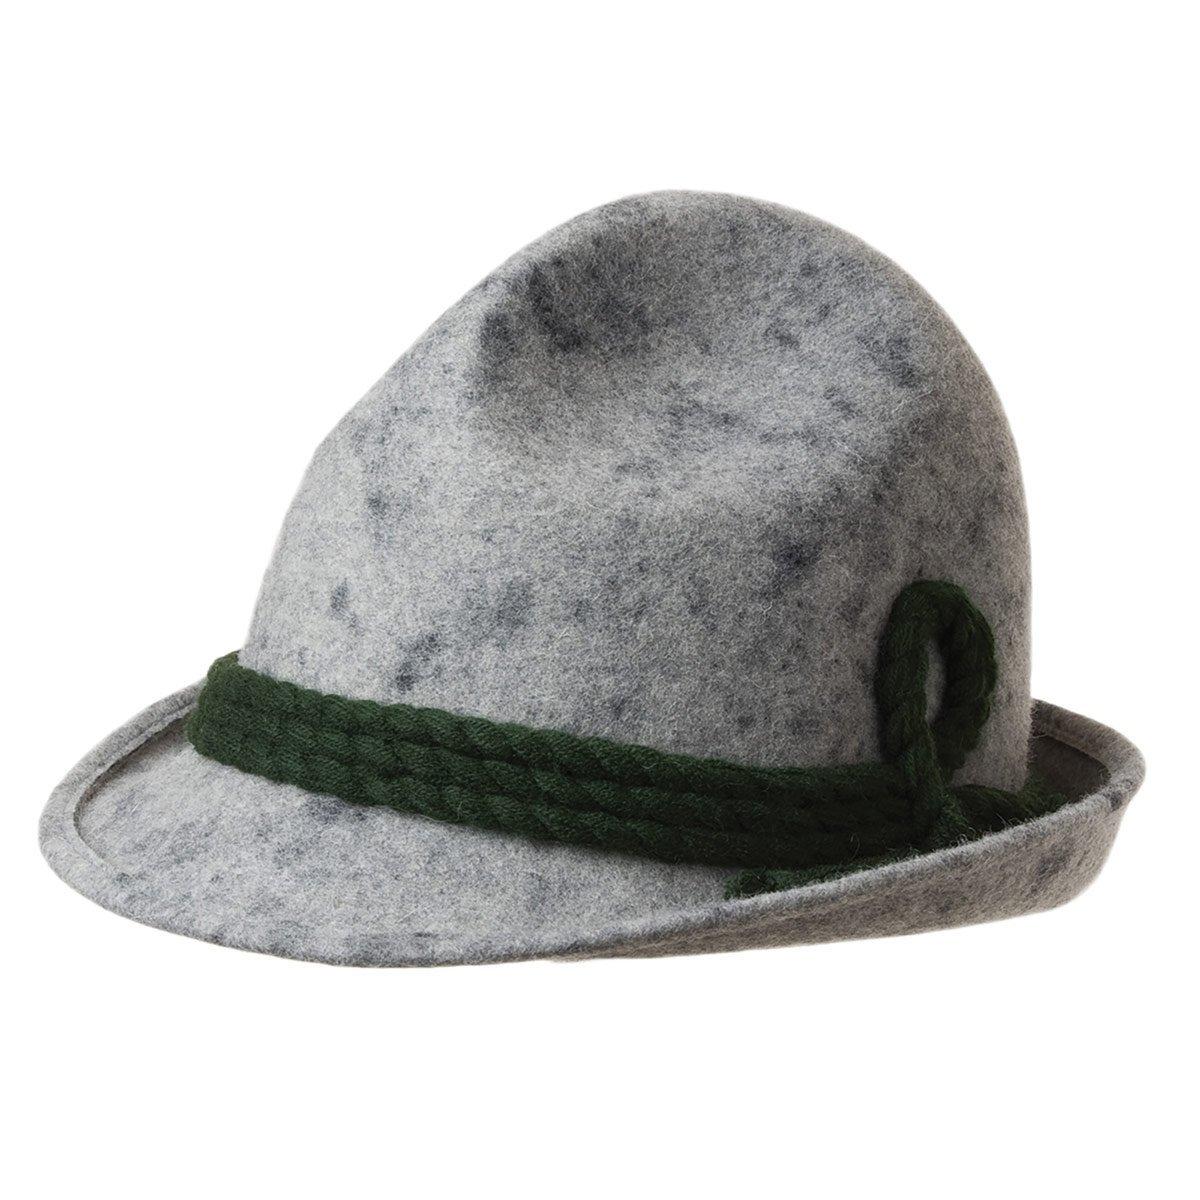 nuovi speciali comprare nuovo sito web per lo sconto Cappello in feltro di lana da cacciatore firmato HUTTER